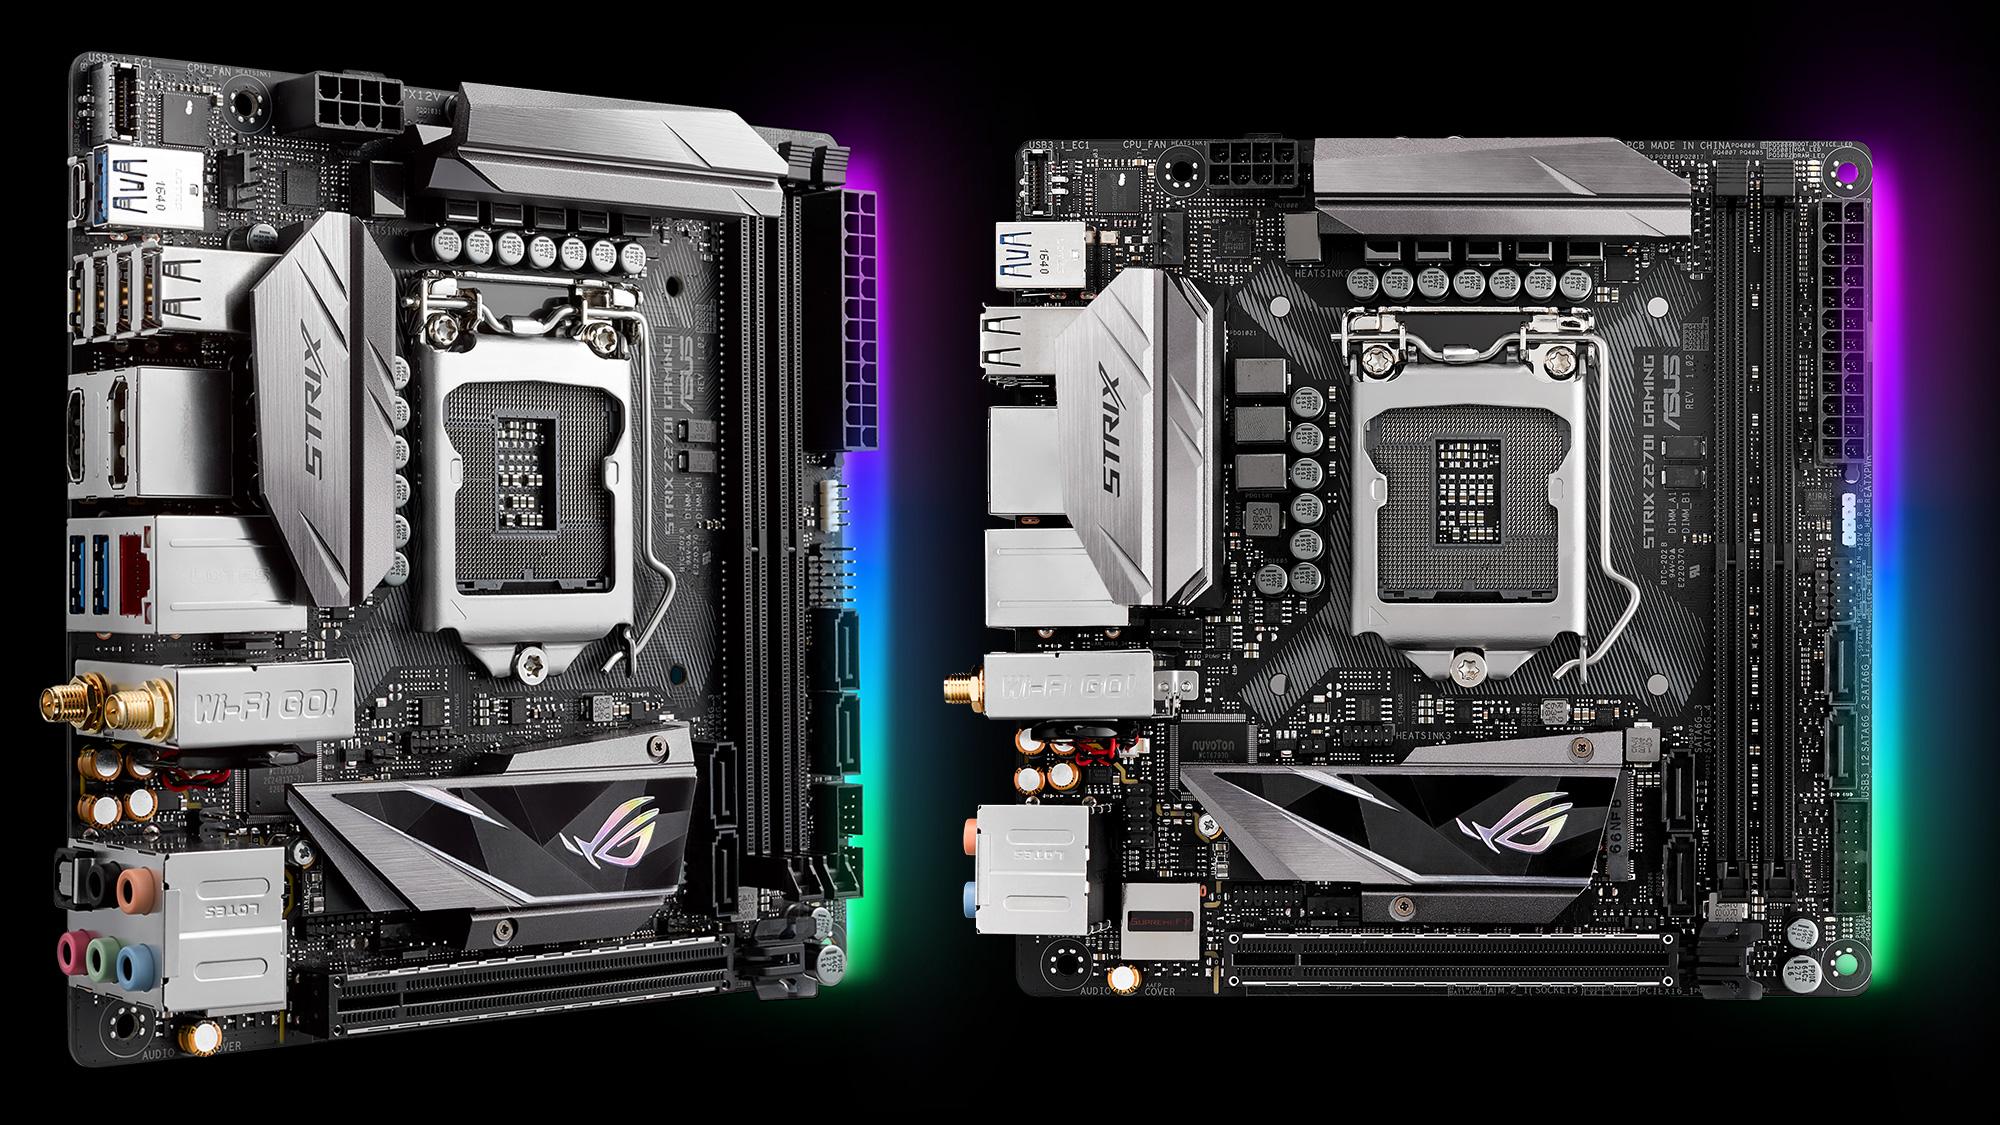 ROG Strix Z270I Gaming Estas son las nuevas motherboards Z270 de ASUS